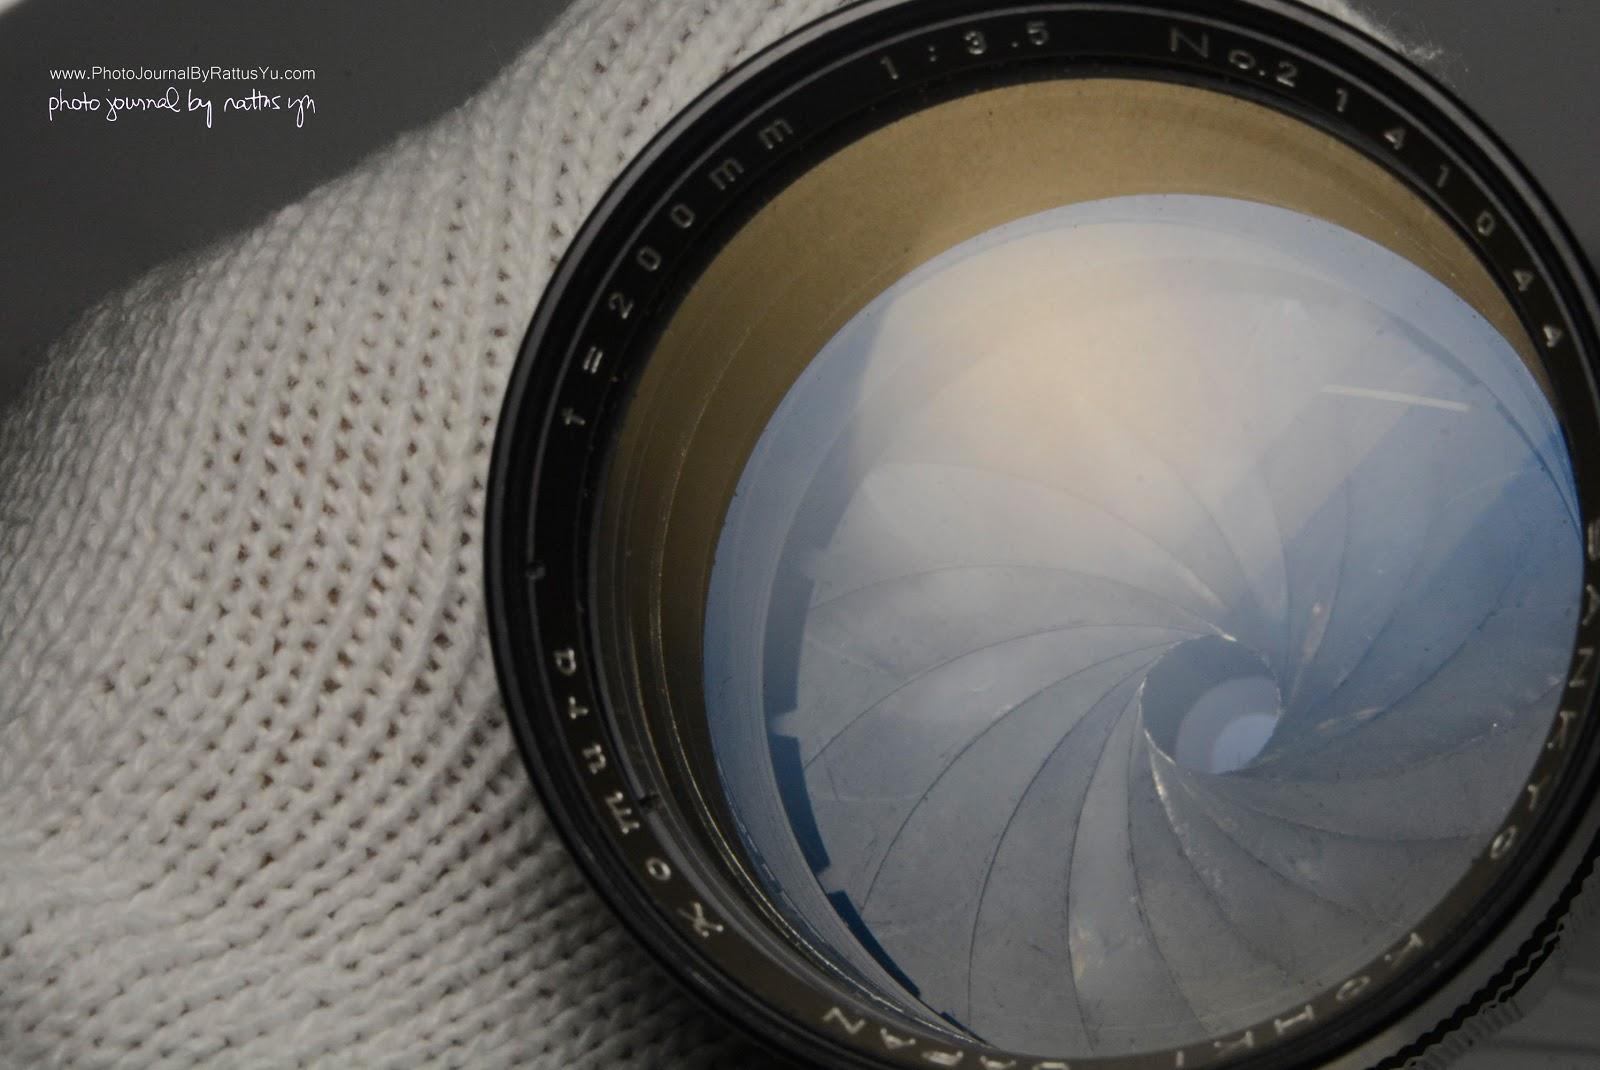 Komura 200mm f/3.5